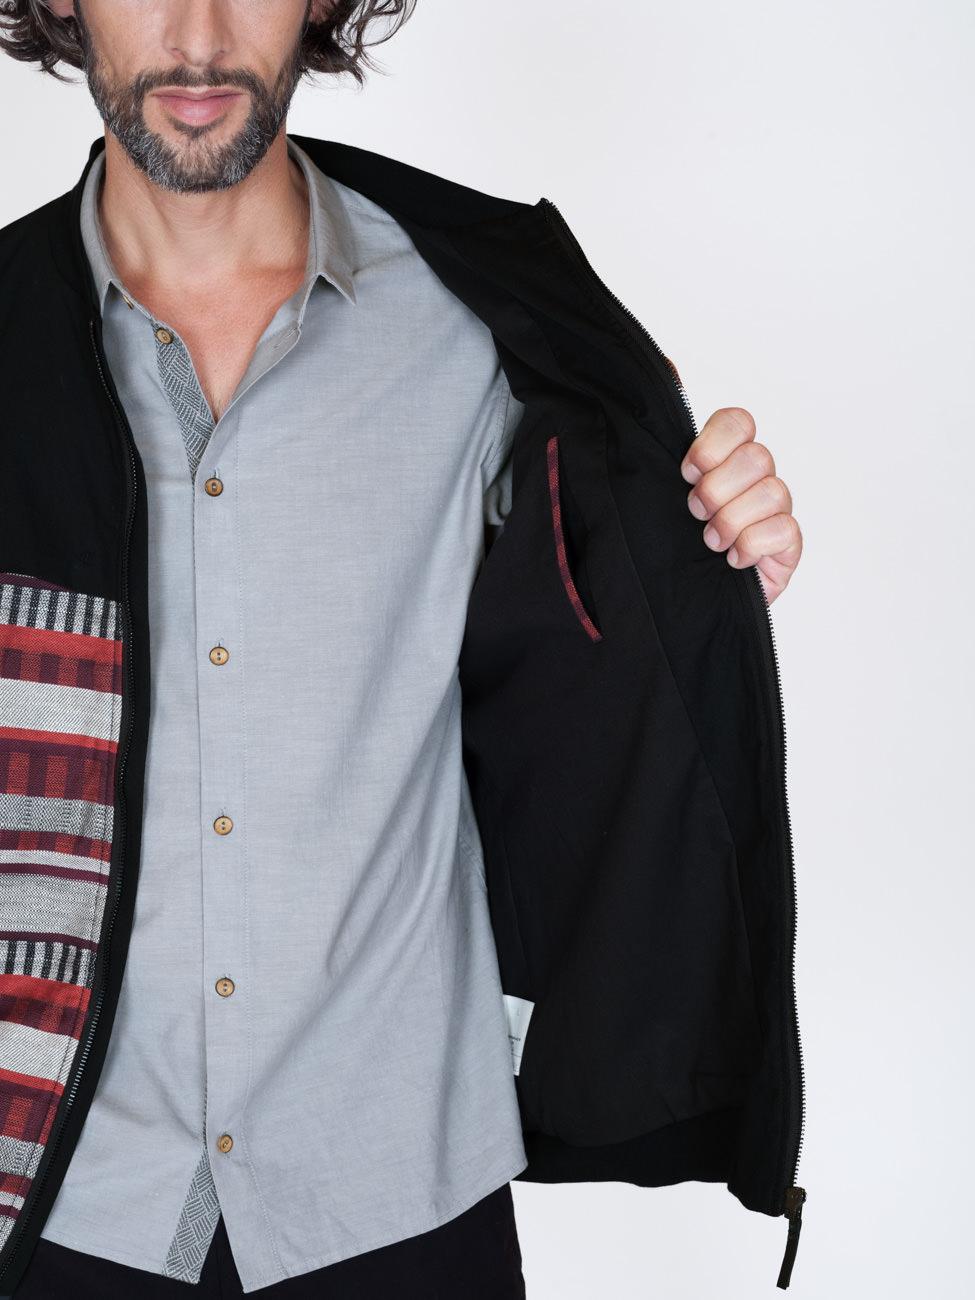 akjumii mann hemd rot blau offen modekollektion jacke detail mode münchen jörn strojny